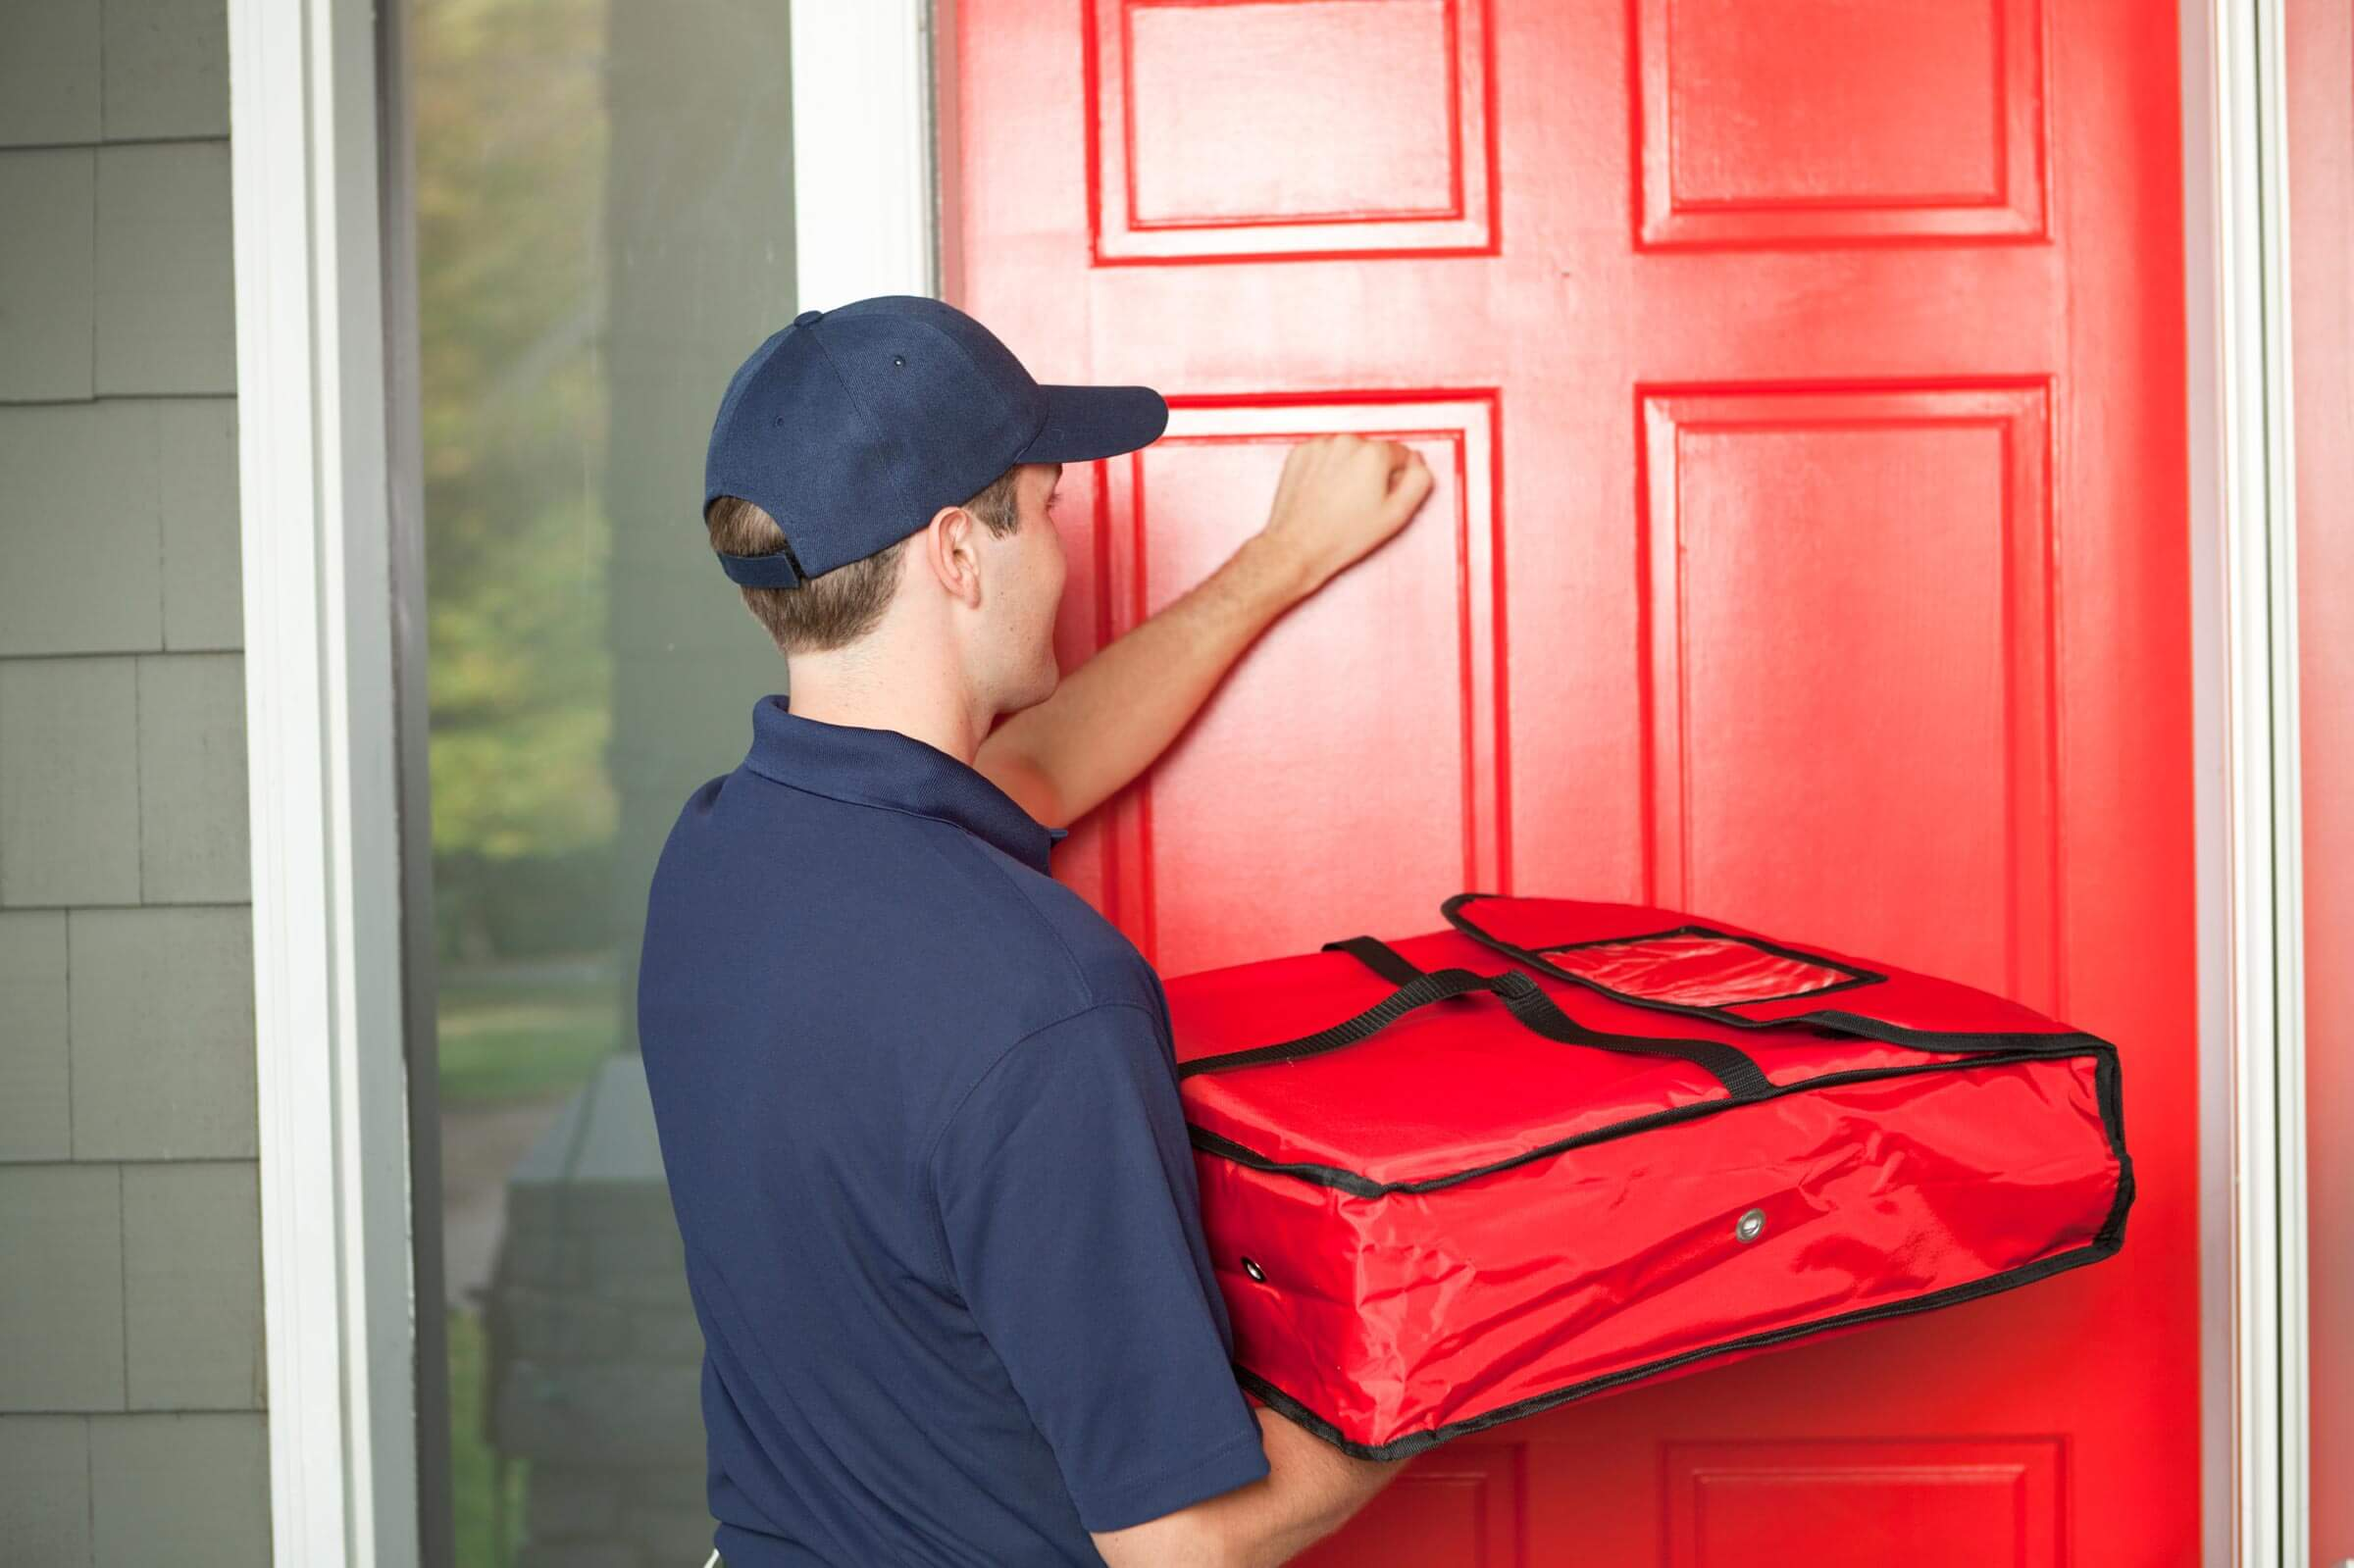 أكثر المواقف المرعبة التي واجهت عمال توصيل البيتزا